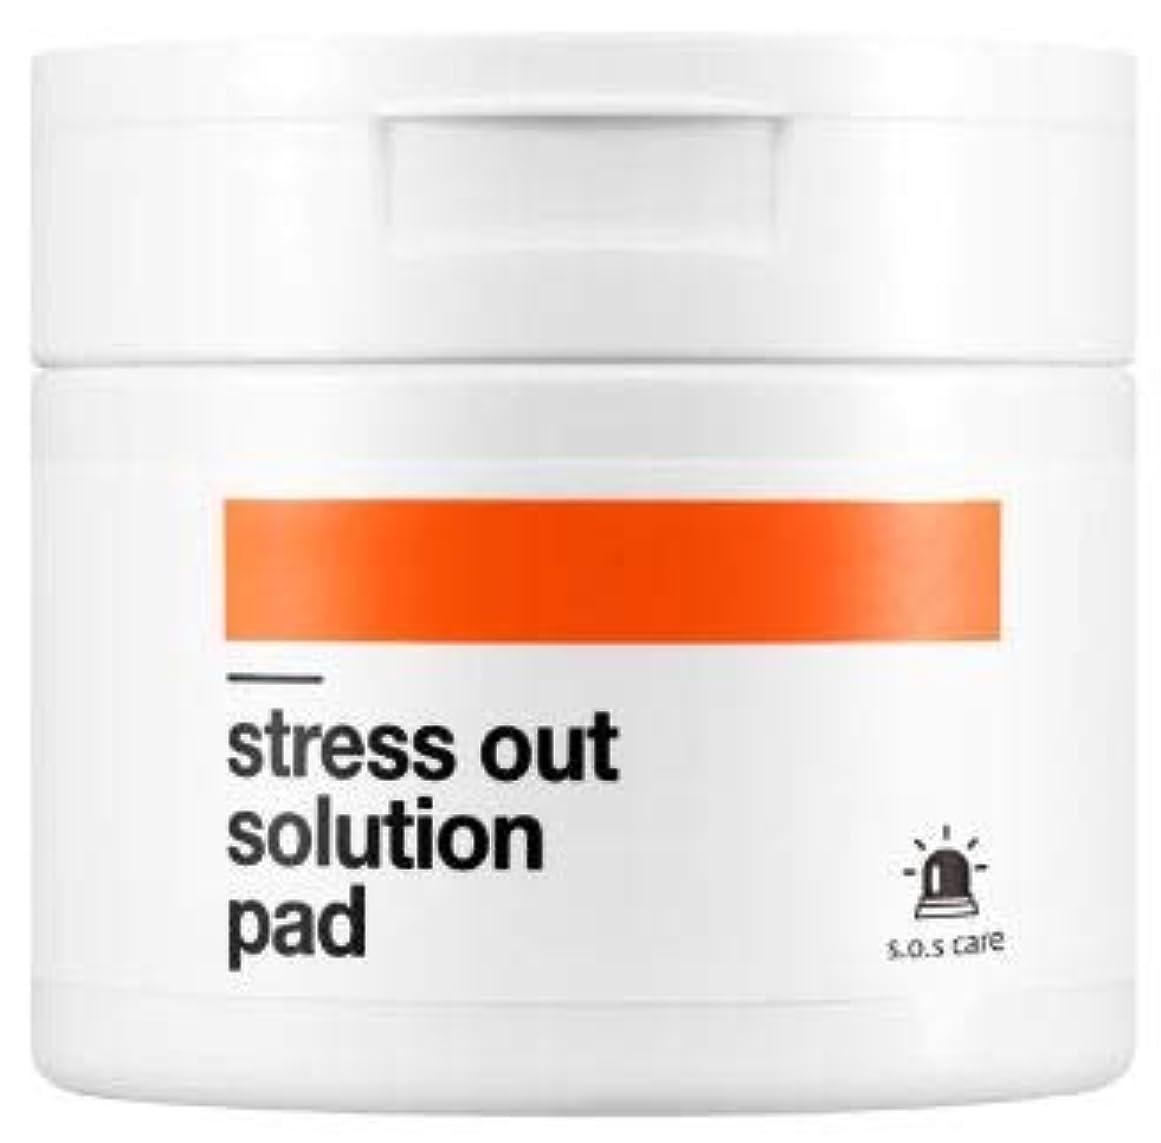 実現可能まで割り当てる[BELLAMONSTER]? Stress out solution pad #carrot / [ベラモンスター] ストレスアウト ソリューションパッド#ニンジンパッド [並行輸入品]